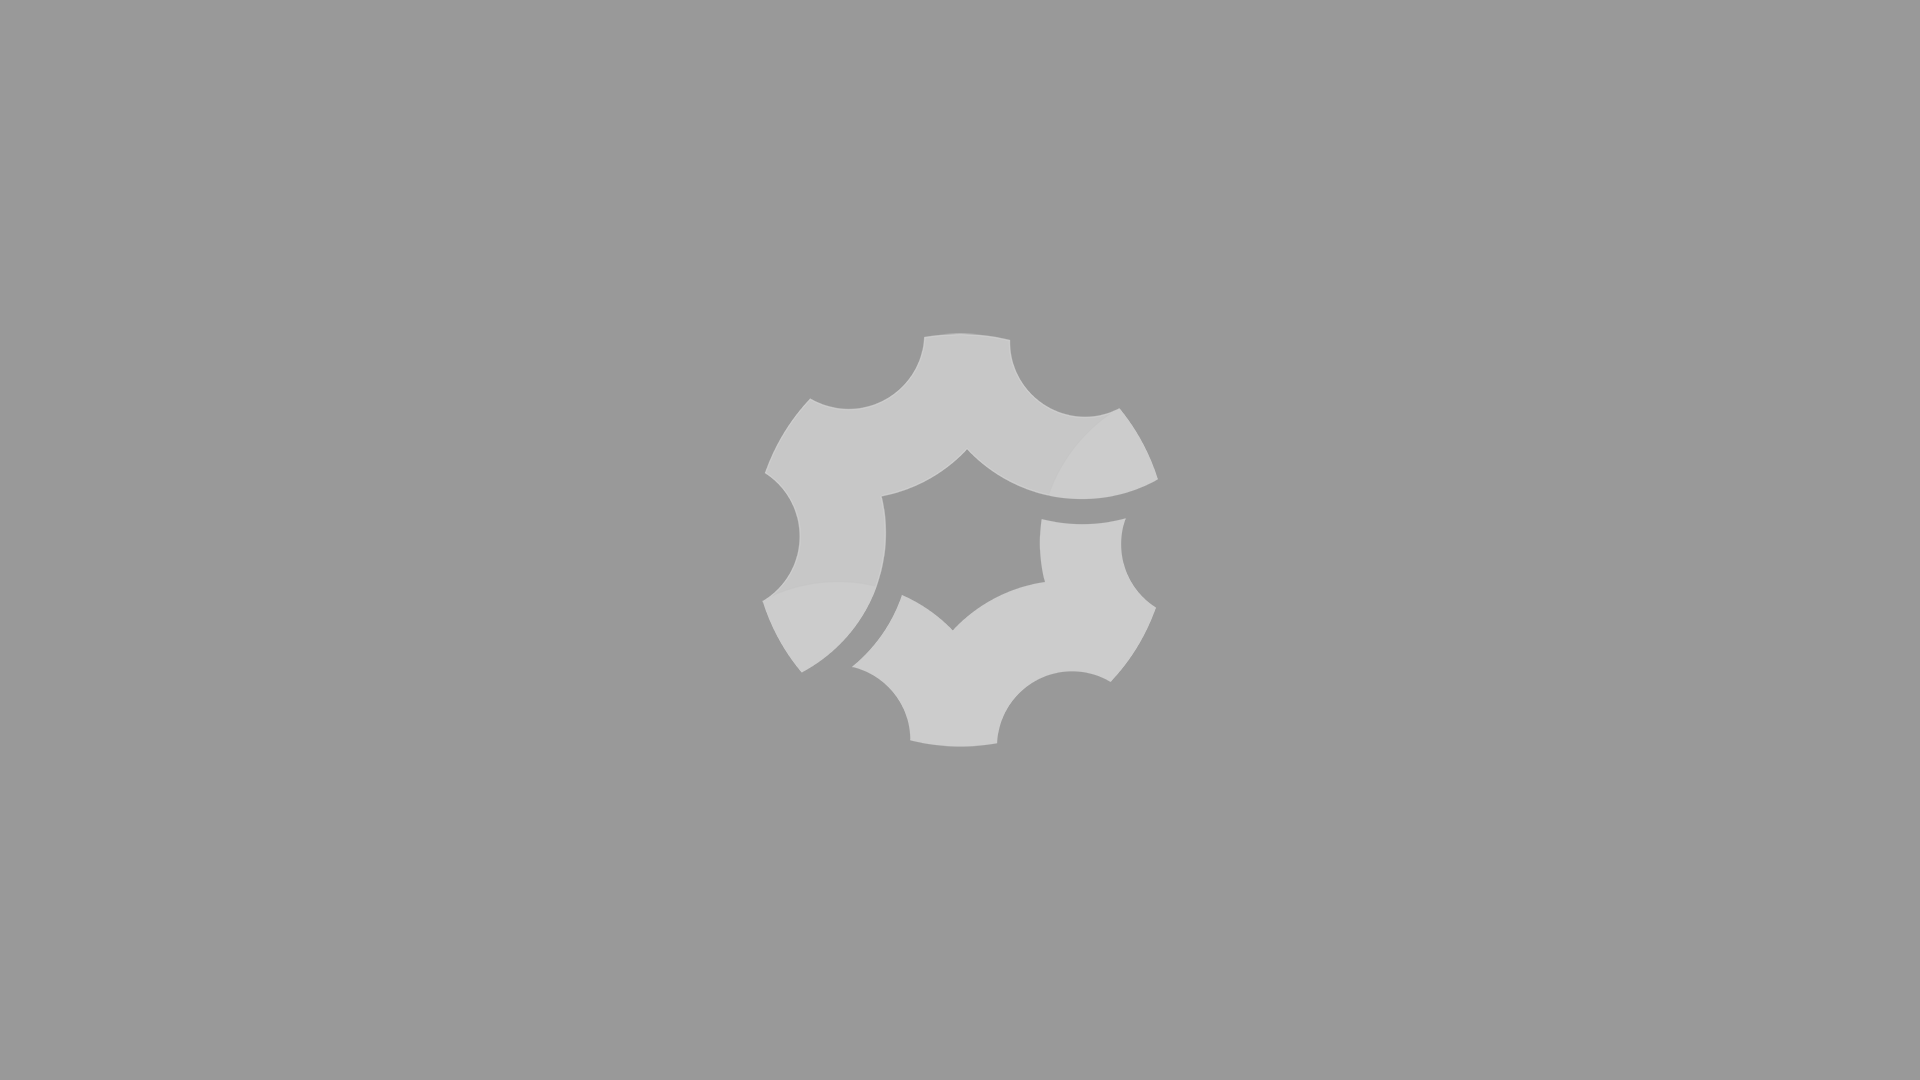 5 New BOARD Pro Decks (foiledNmatte)